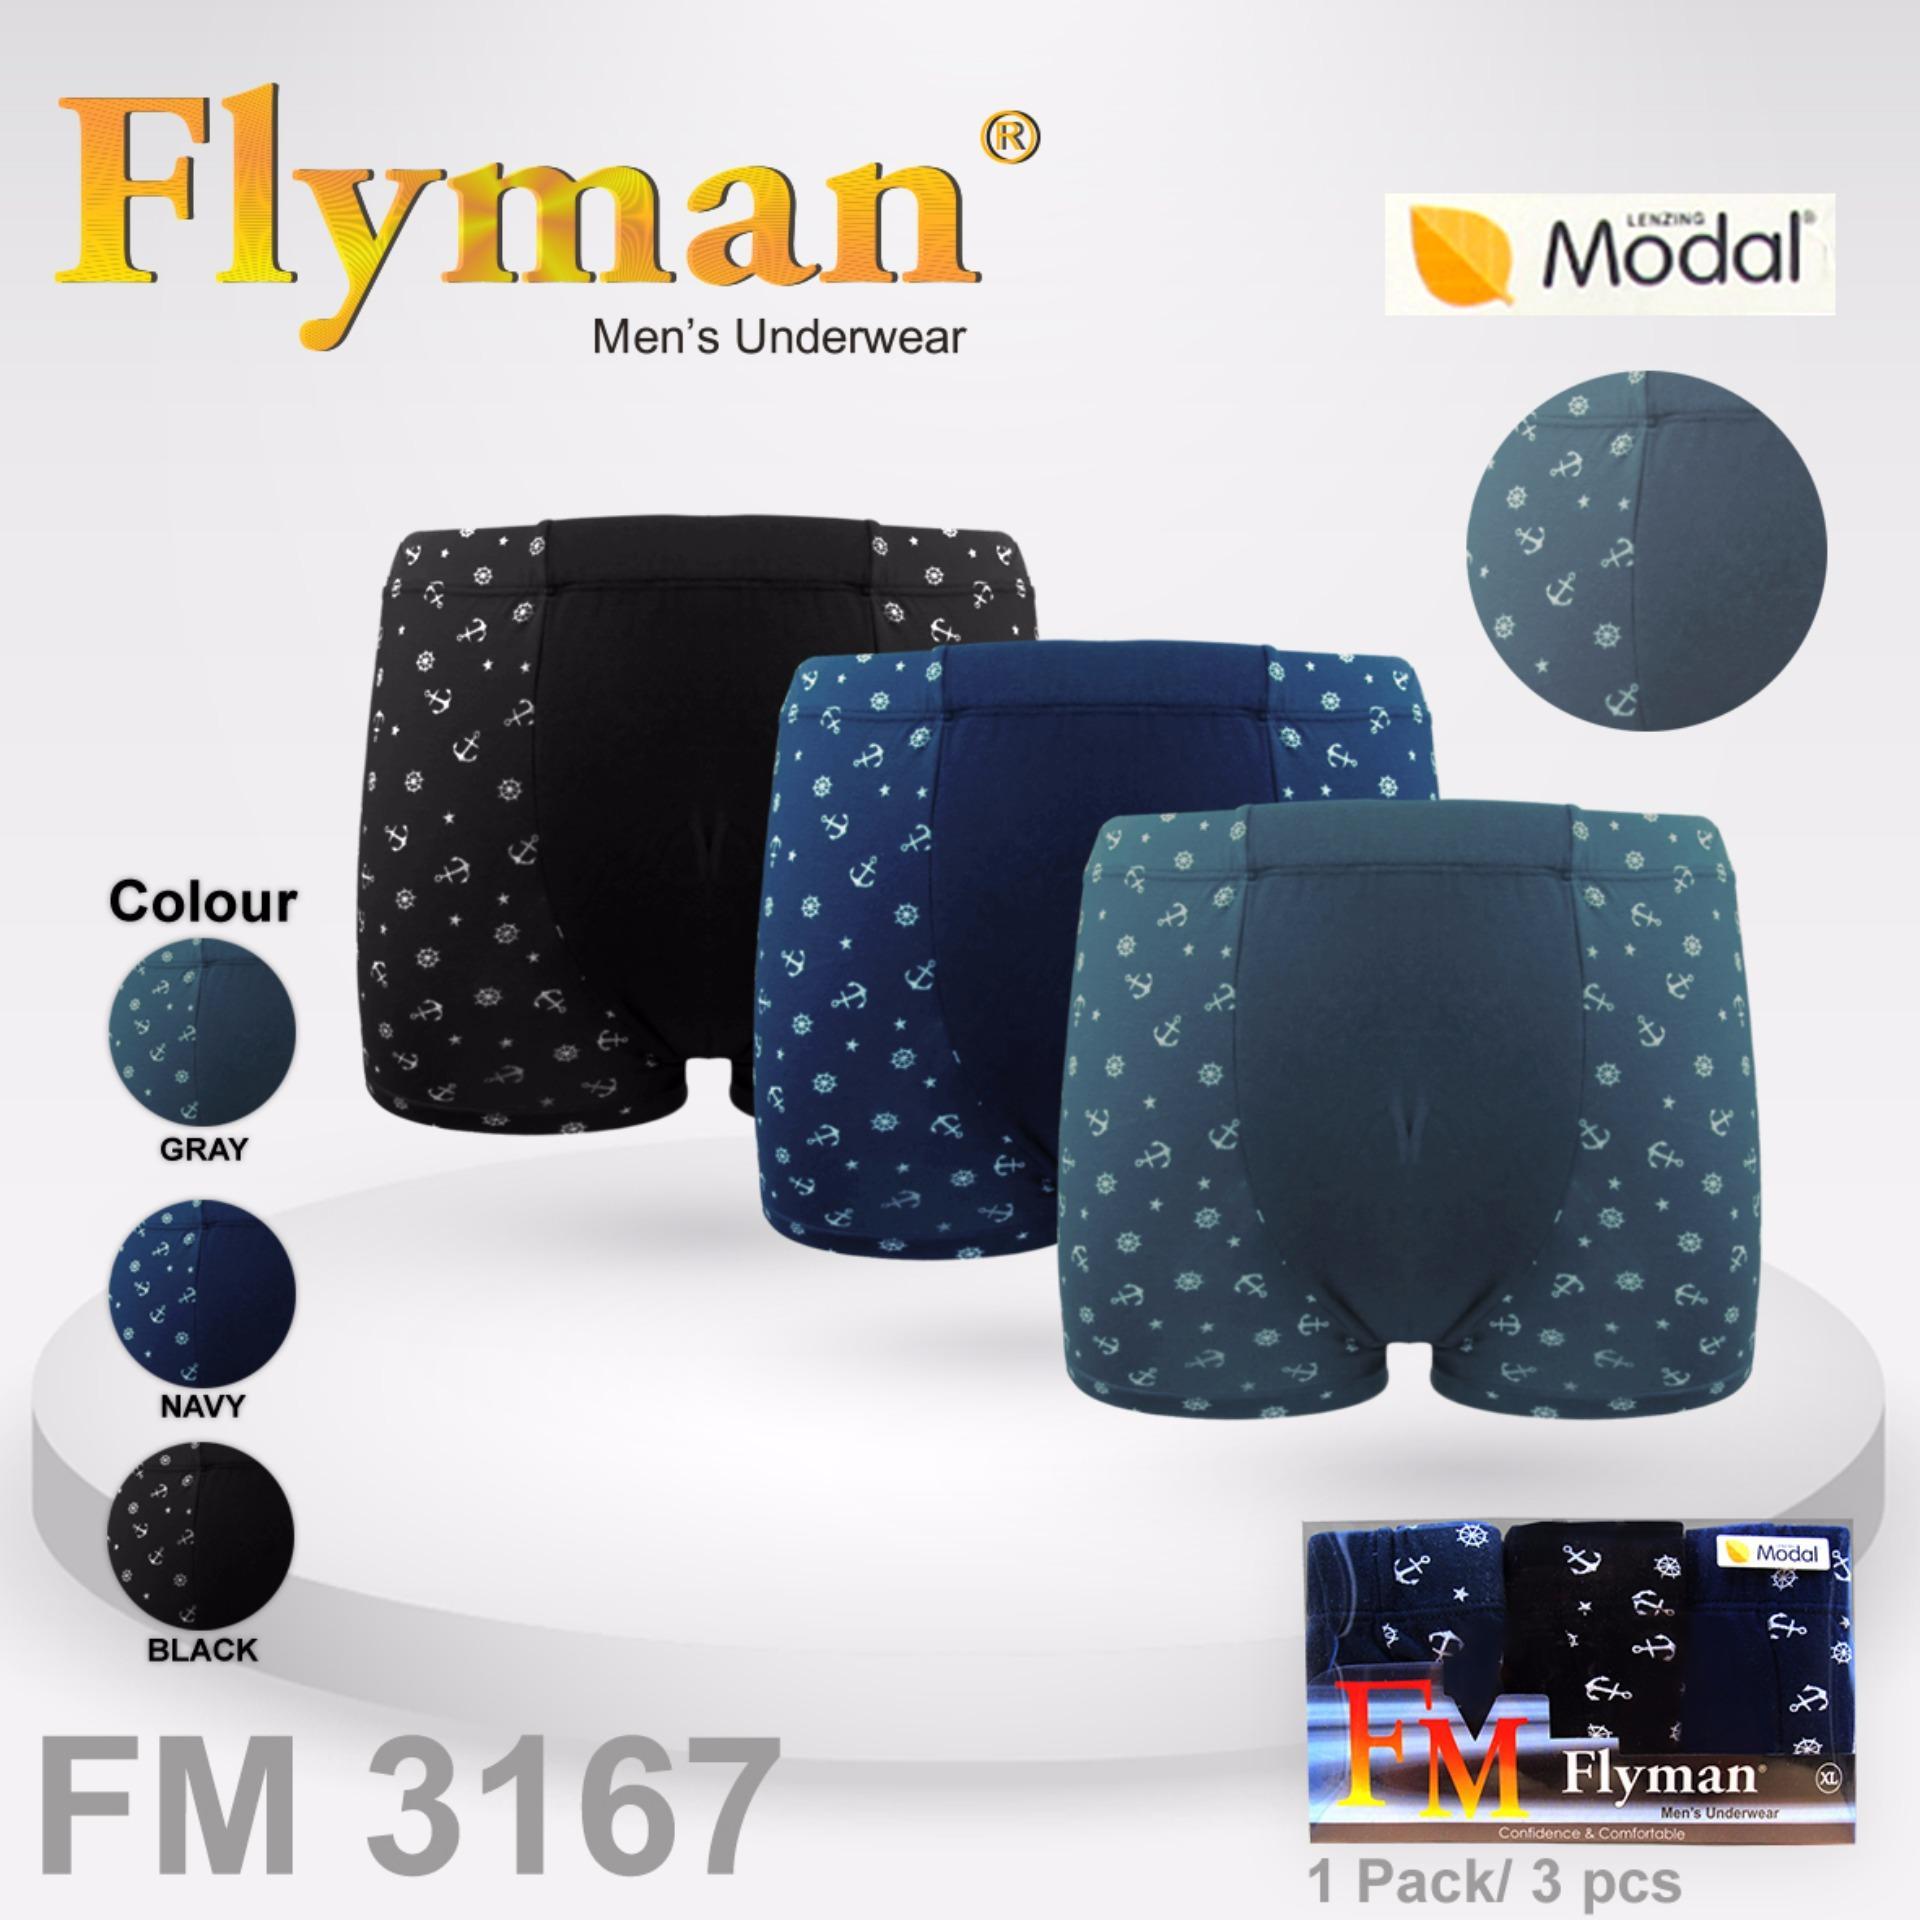 Spesifikasi Flyman Boxer Pria Dewasa 1 Pack 3 Pcs Fm 3167 Lengkap